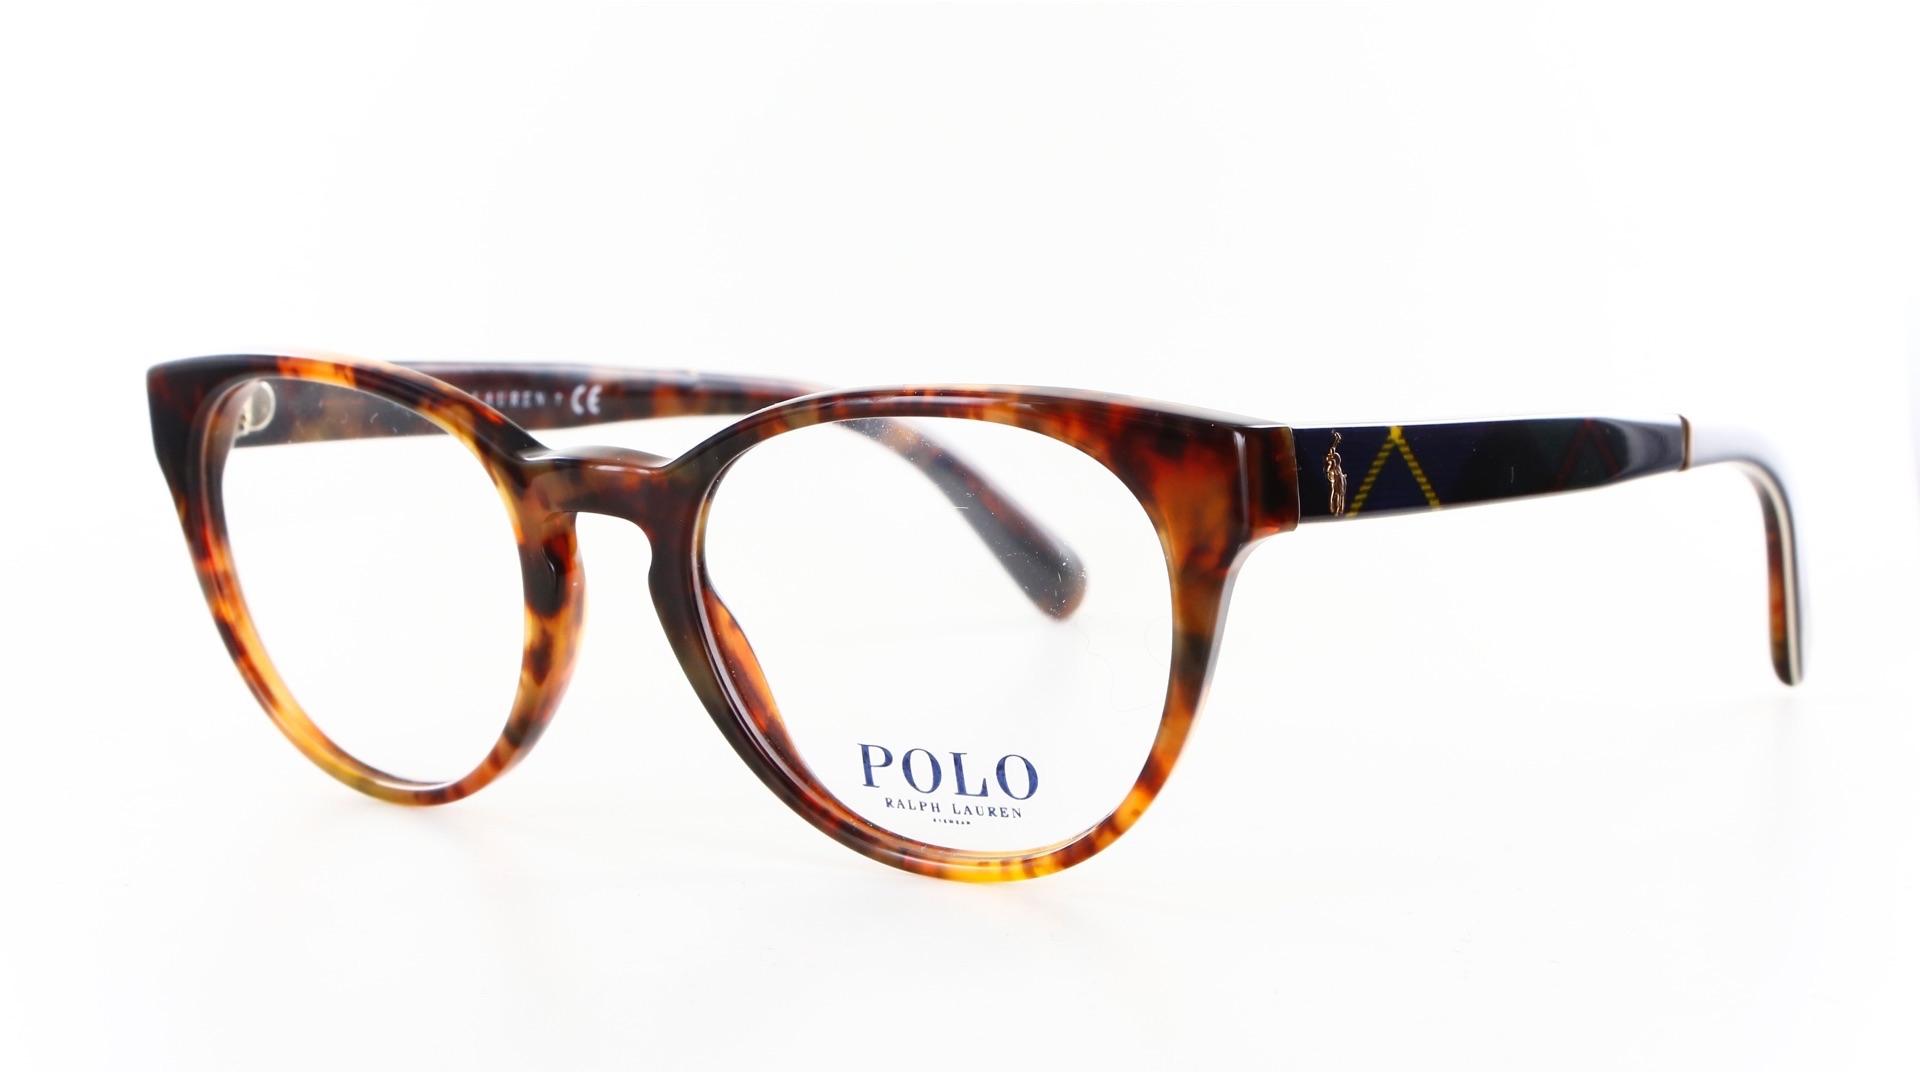 Polo Ralph Lauren - ref: 76346